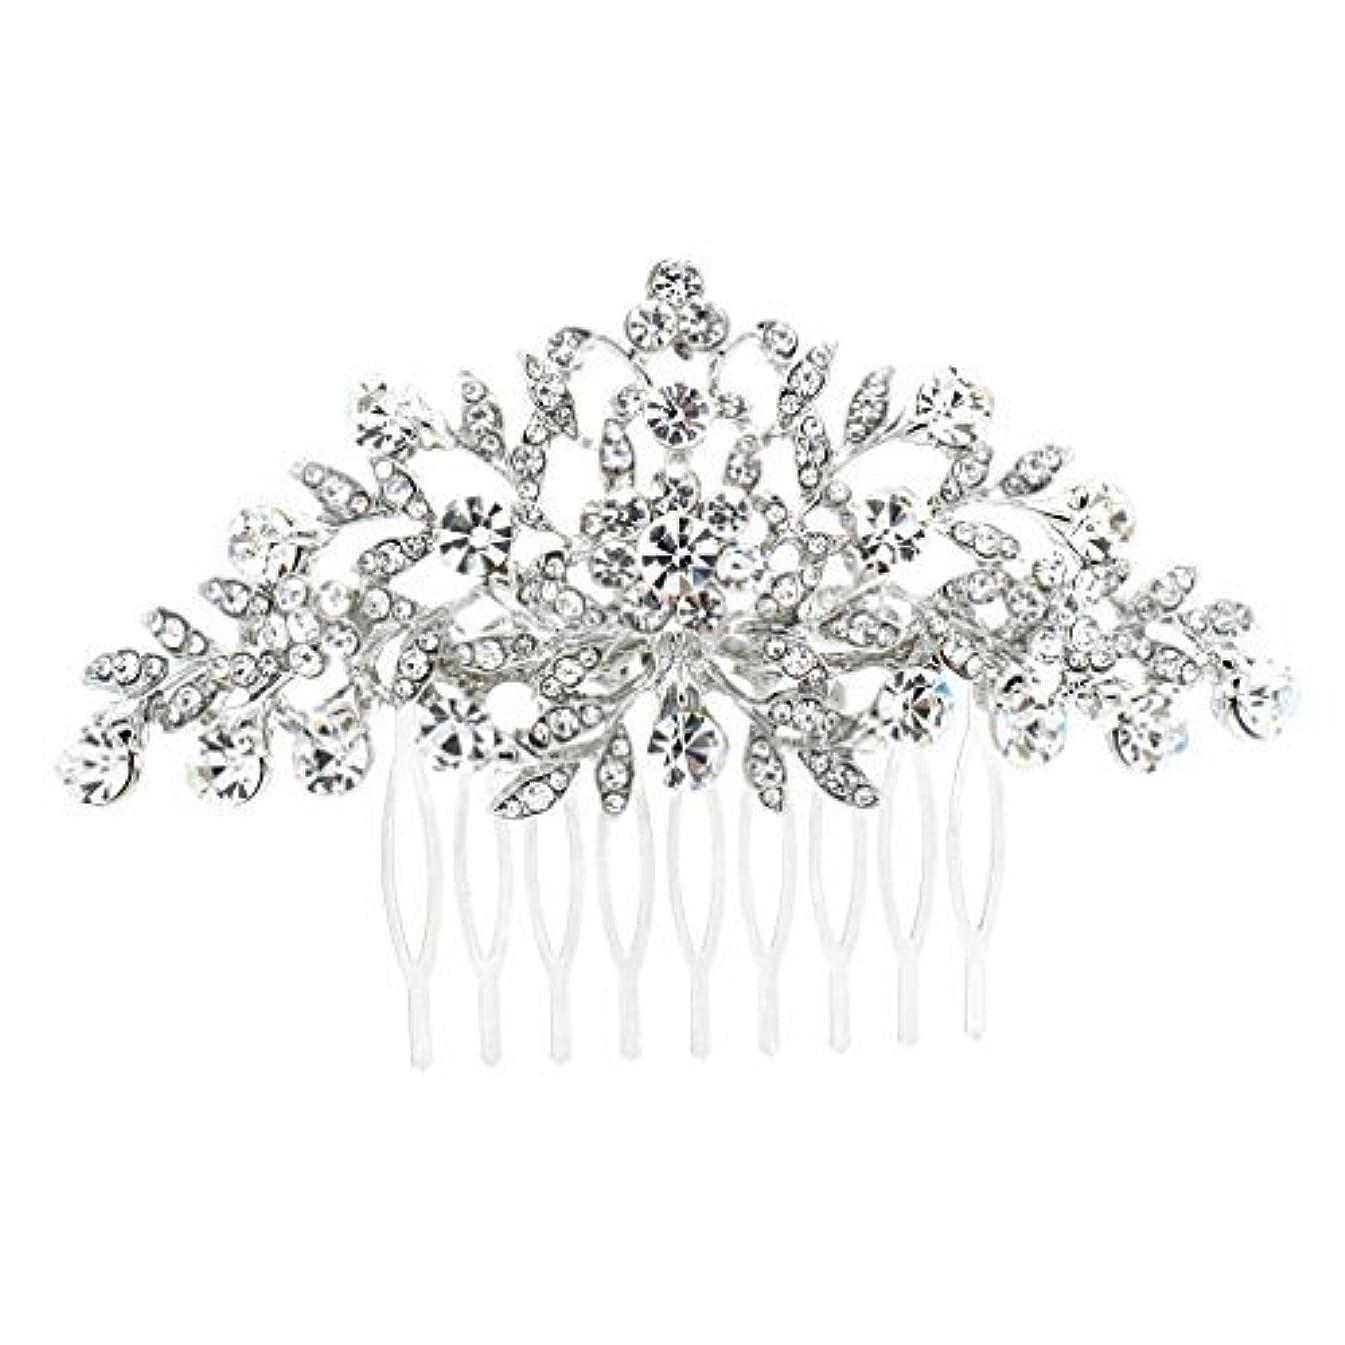 横傾向がある受け皿SEPBRDIALS Rhinestone Crystal Hair Comb Pins Women Wedding Hair Jewelry Accessories FA2944 (Silver) [並行輸入品]